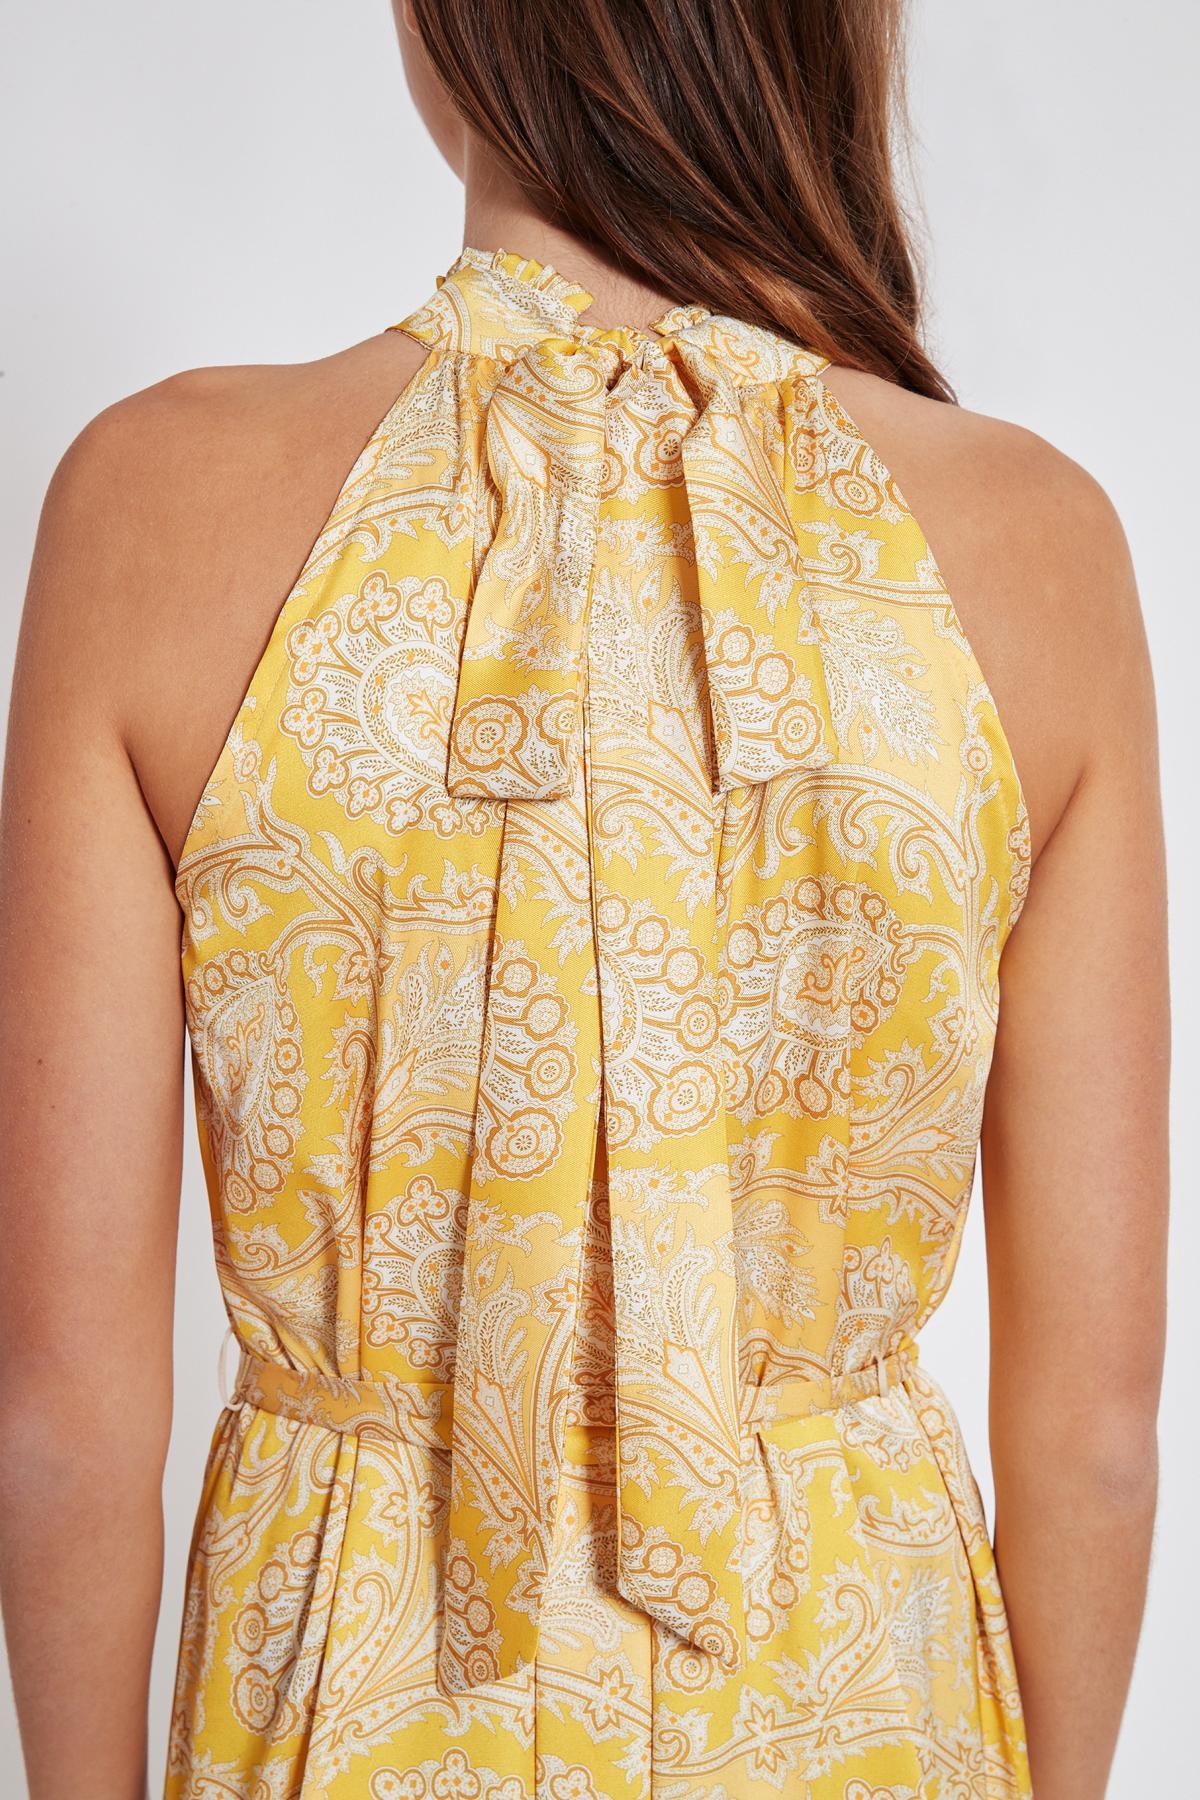 Detailansicht 2 von Ana Alcazar Maxi Kleid Tefamy Gelb